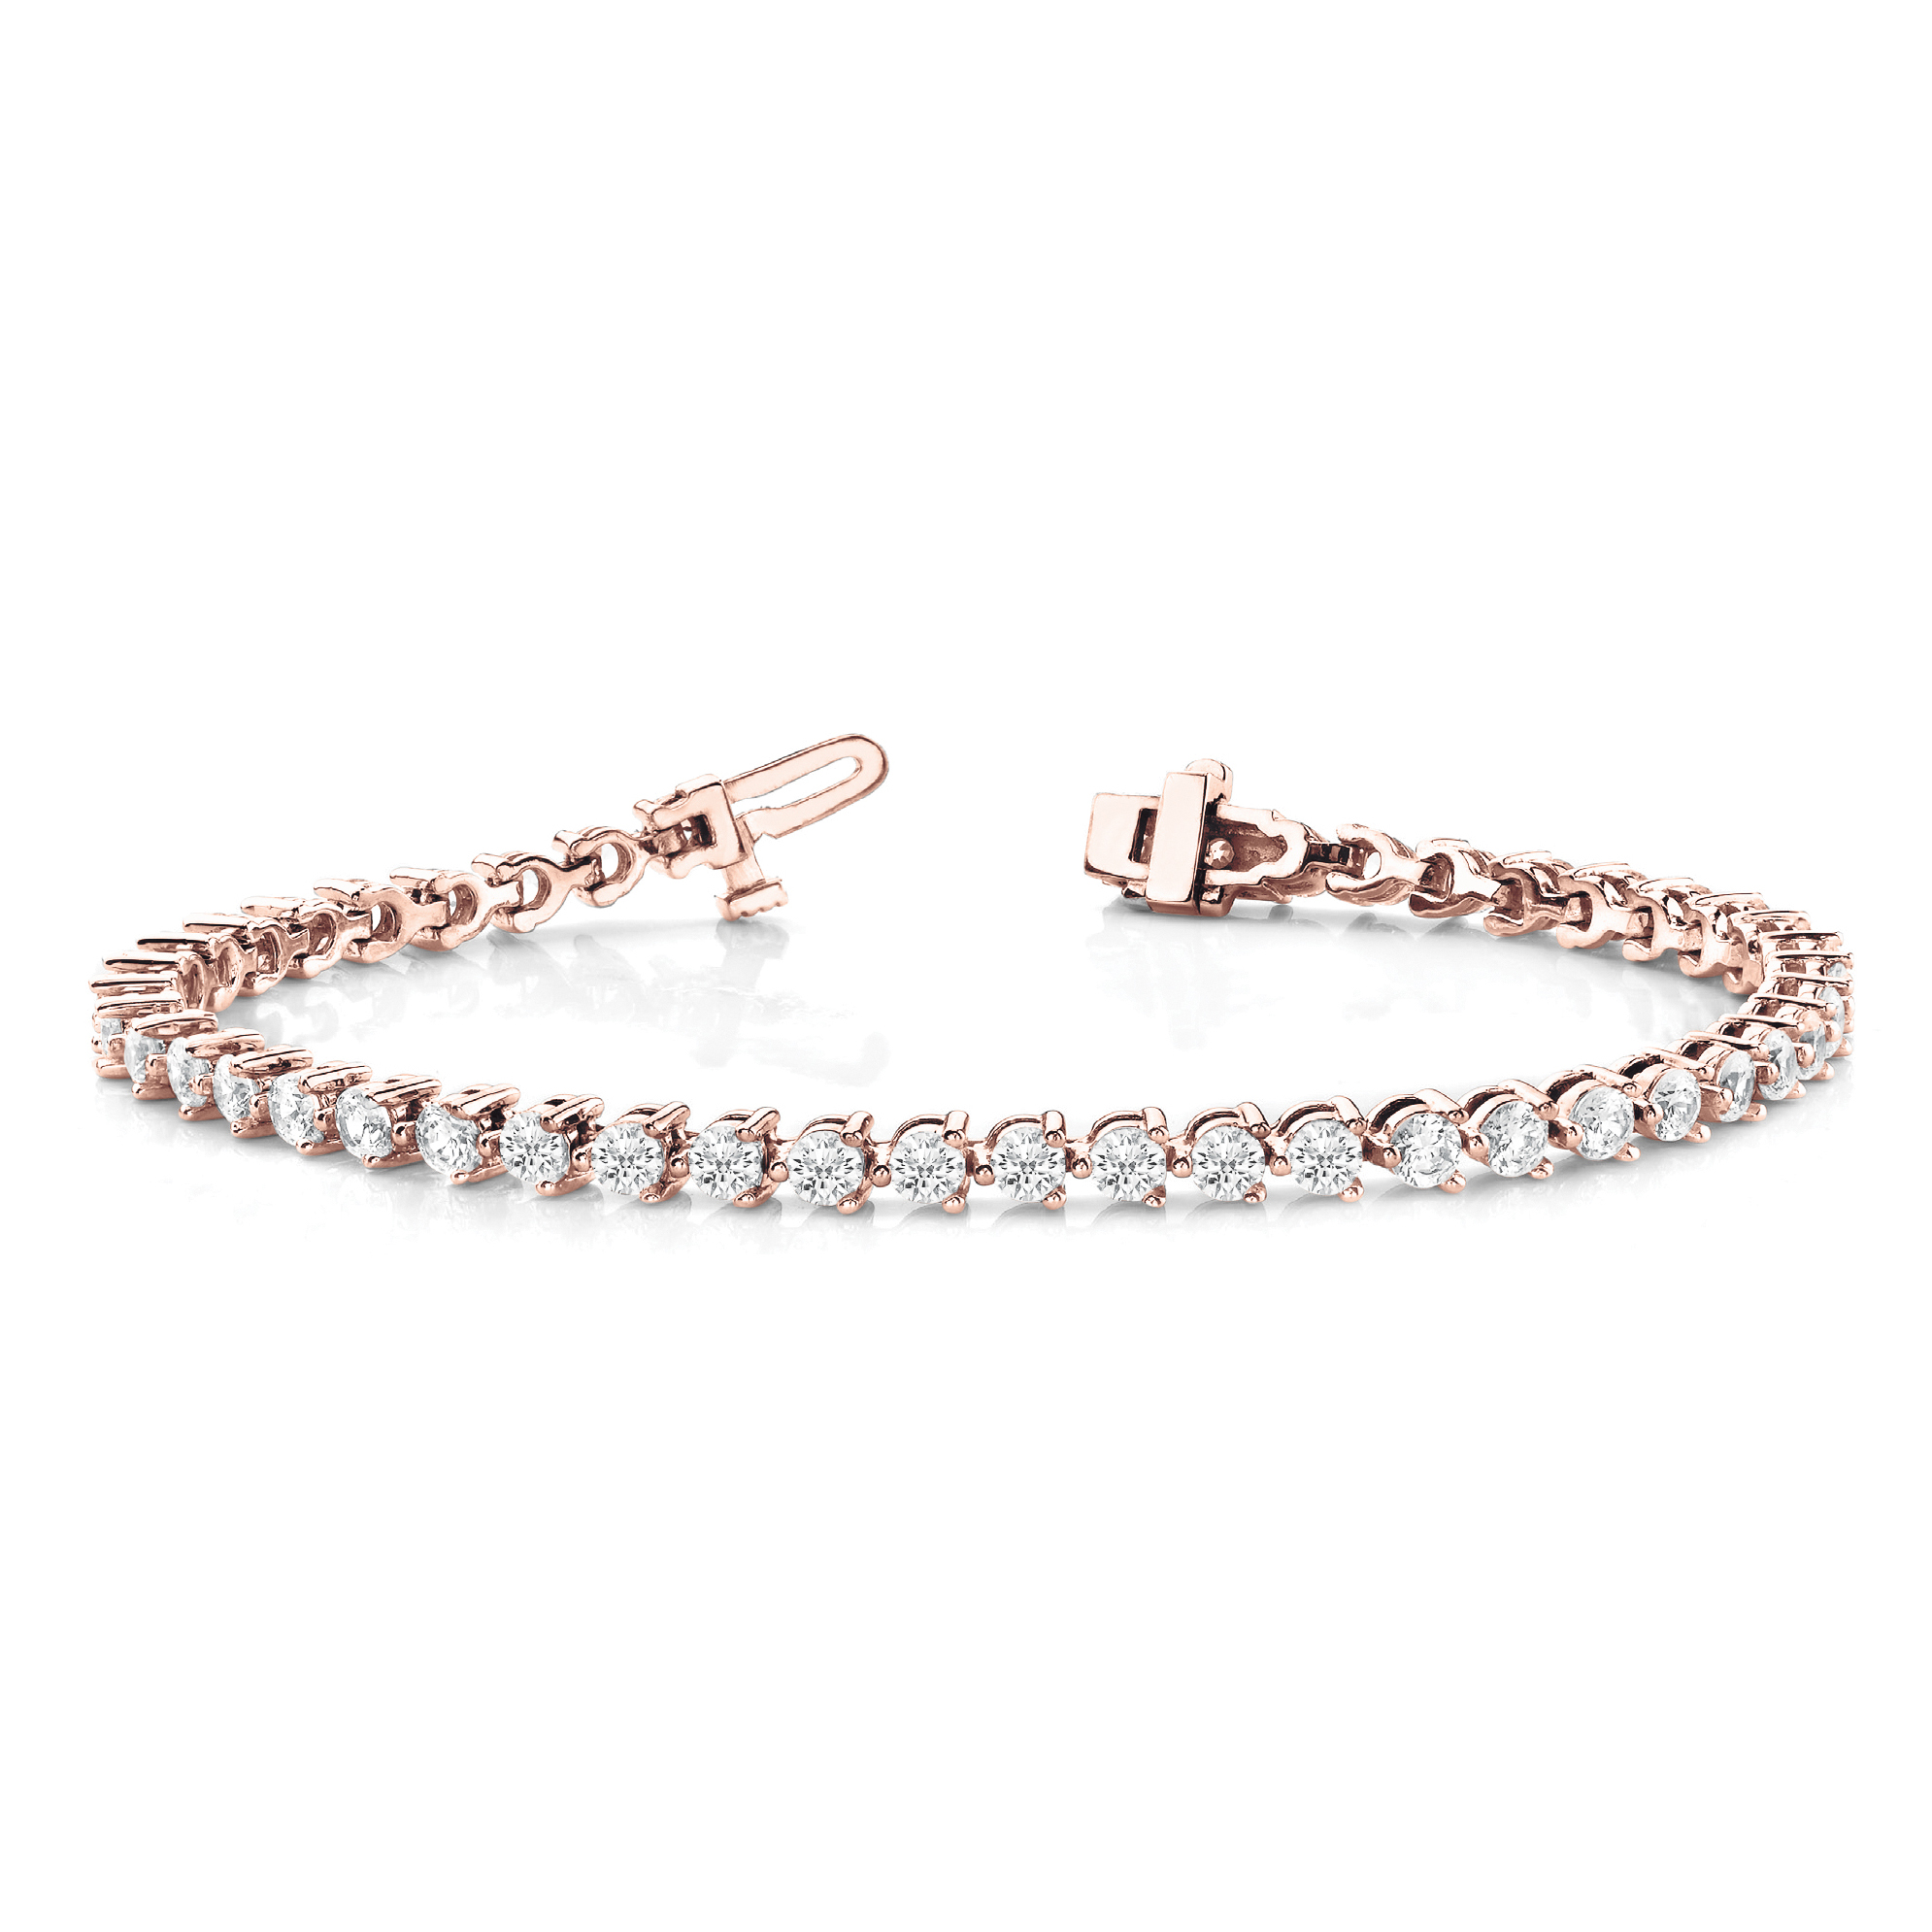 3 G Diamond Tennis Bracelet 1 86 Carats 19 5 Rose Gold Sarkisians Jewelry